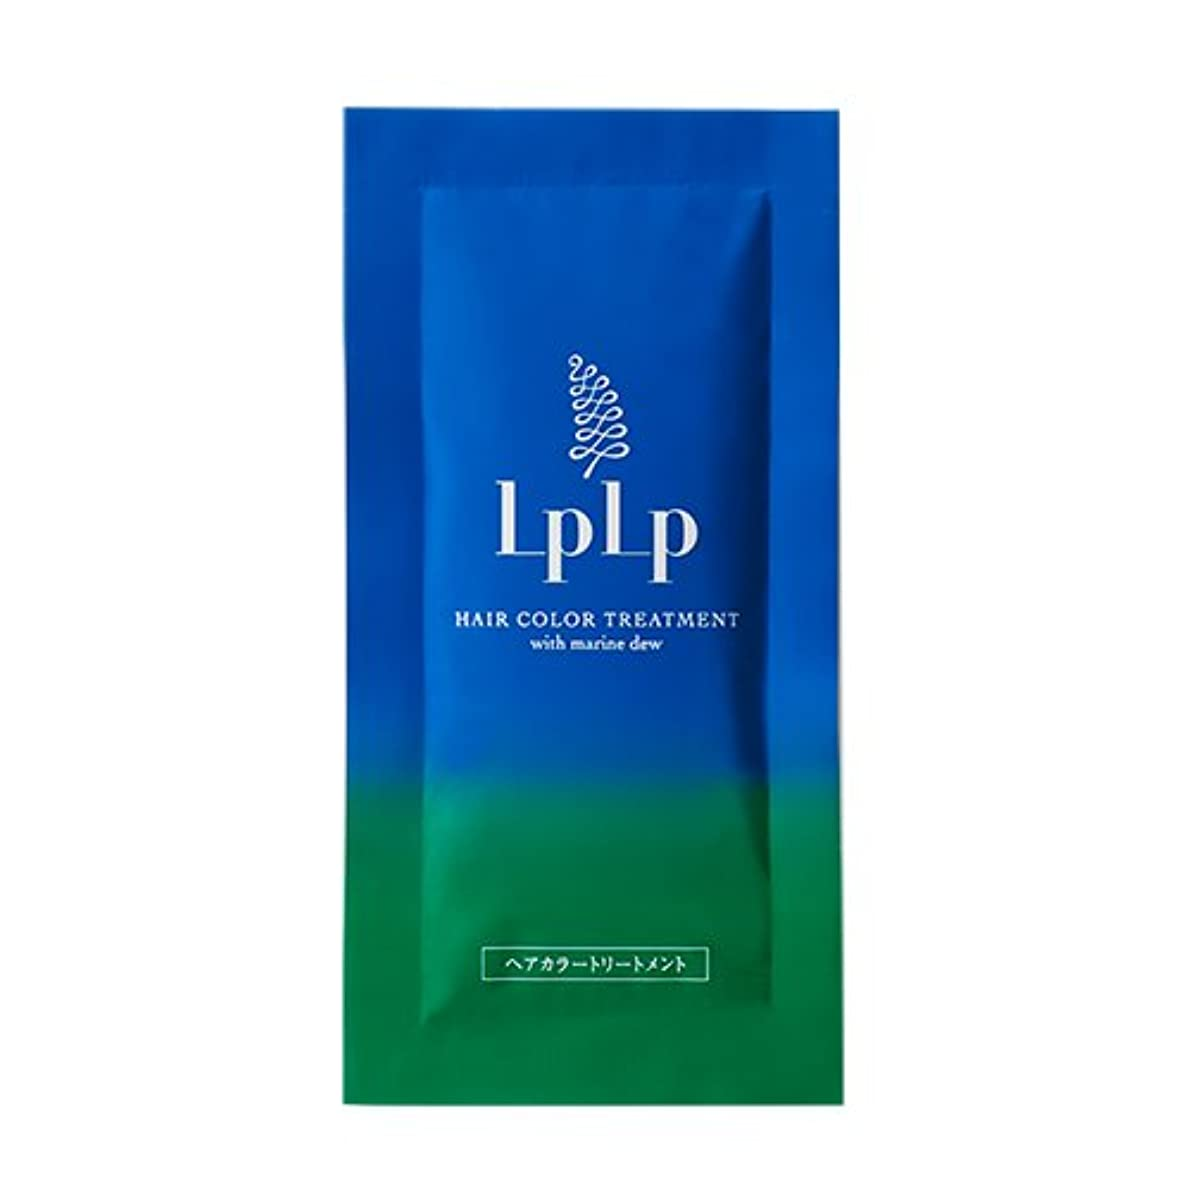 矛盾ワイヤー正当なLPLP(ルプルプ)ヘアカラートリートメントお試しパウチ モカブラウン